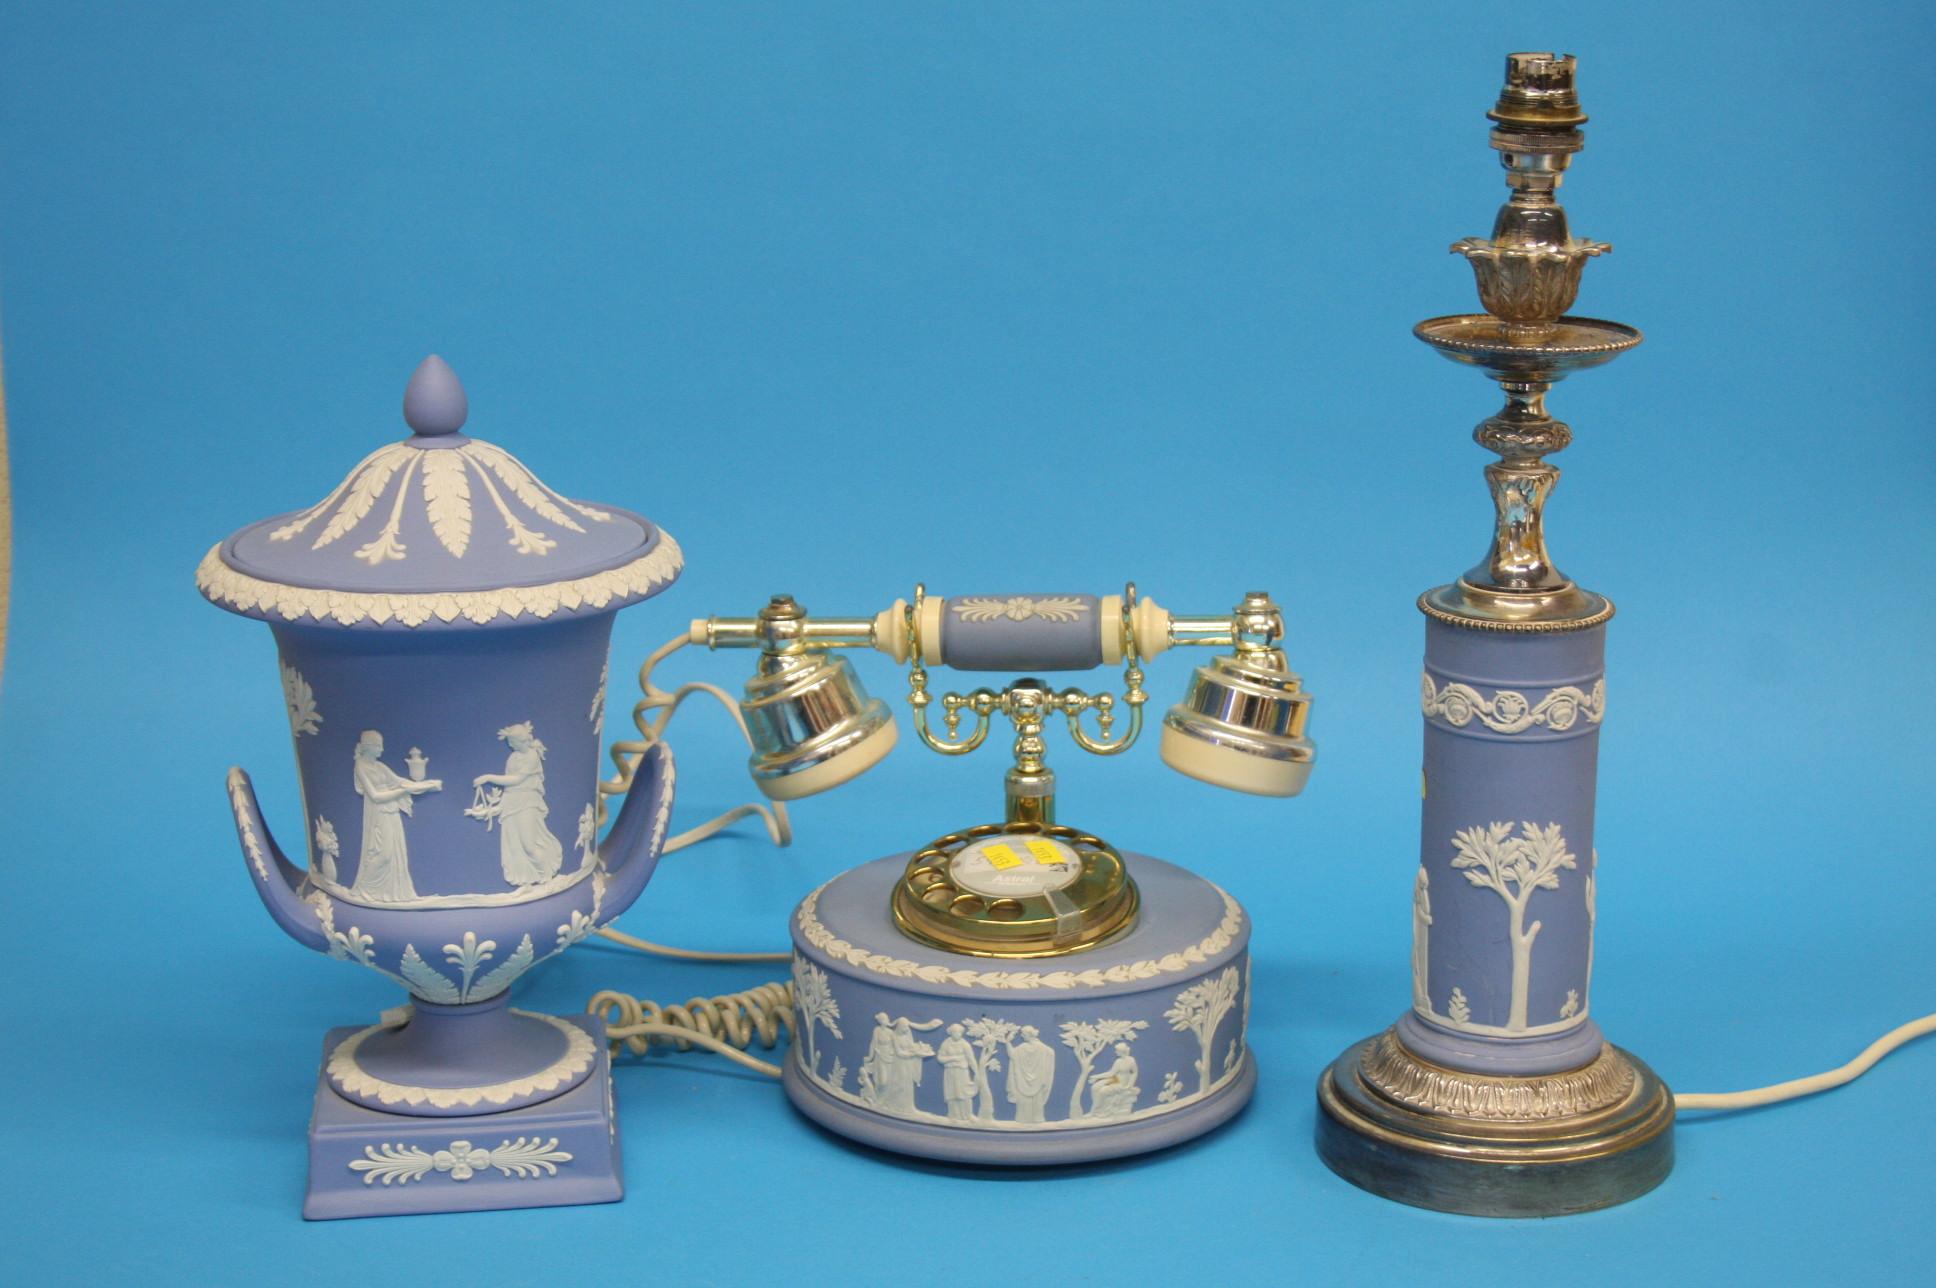 A Wedgwood blue jasperware Campagna shaped vase an